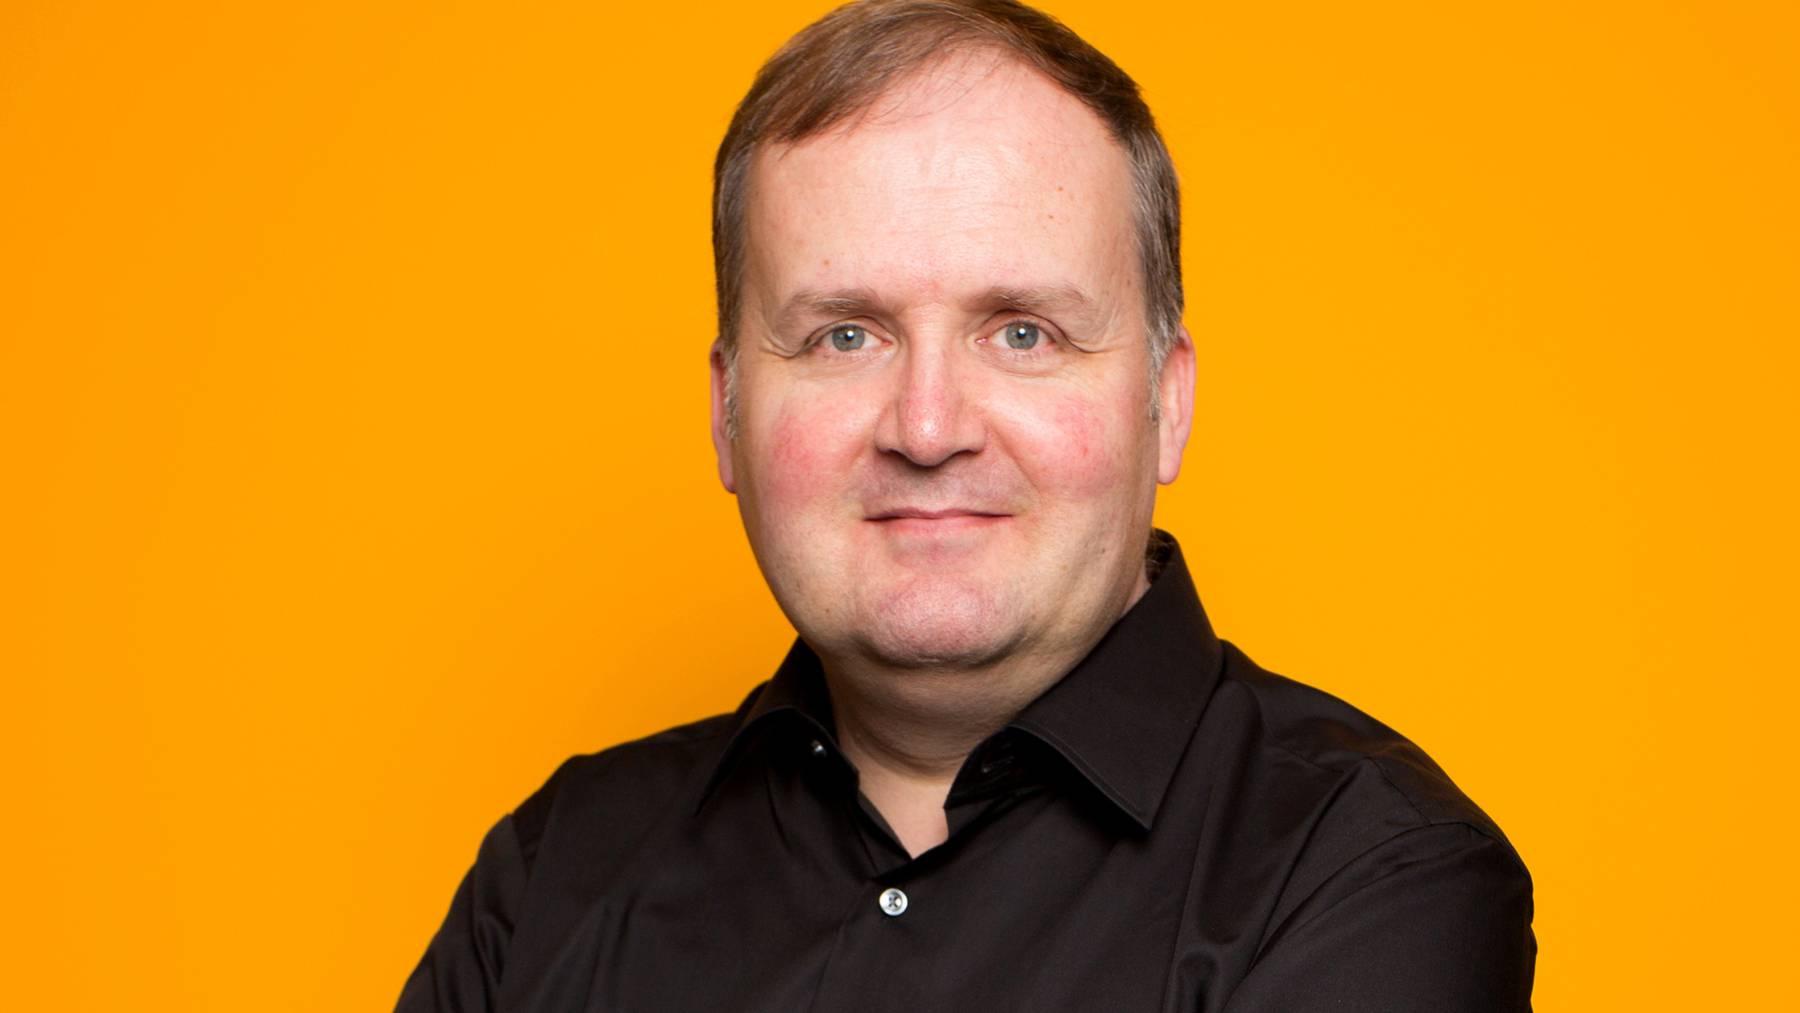 Michael Schüpbach